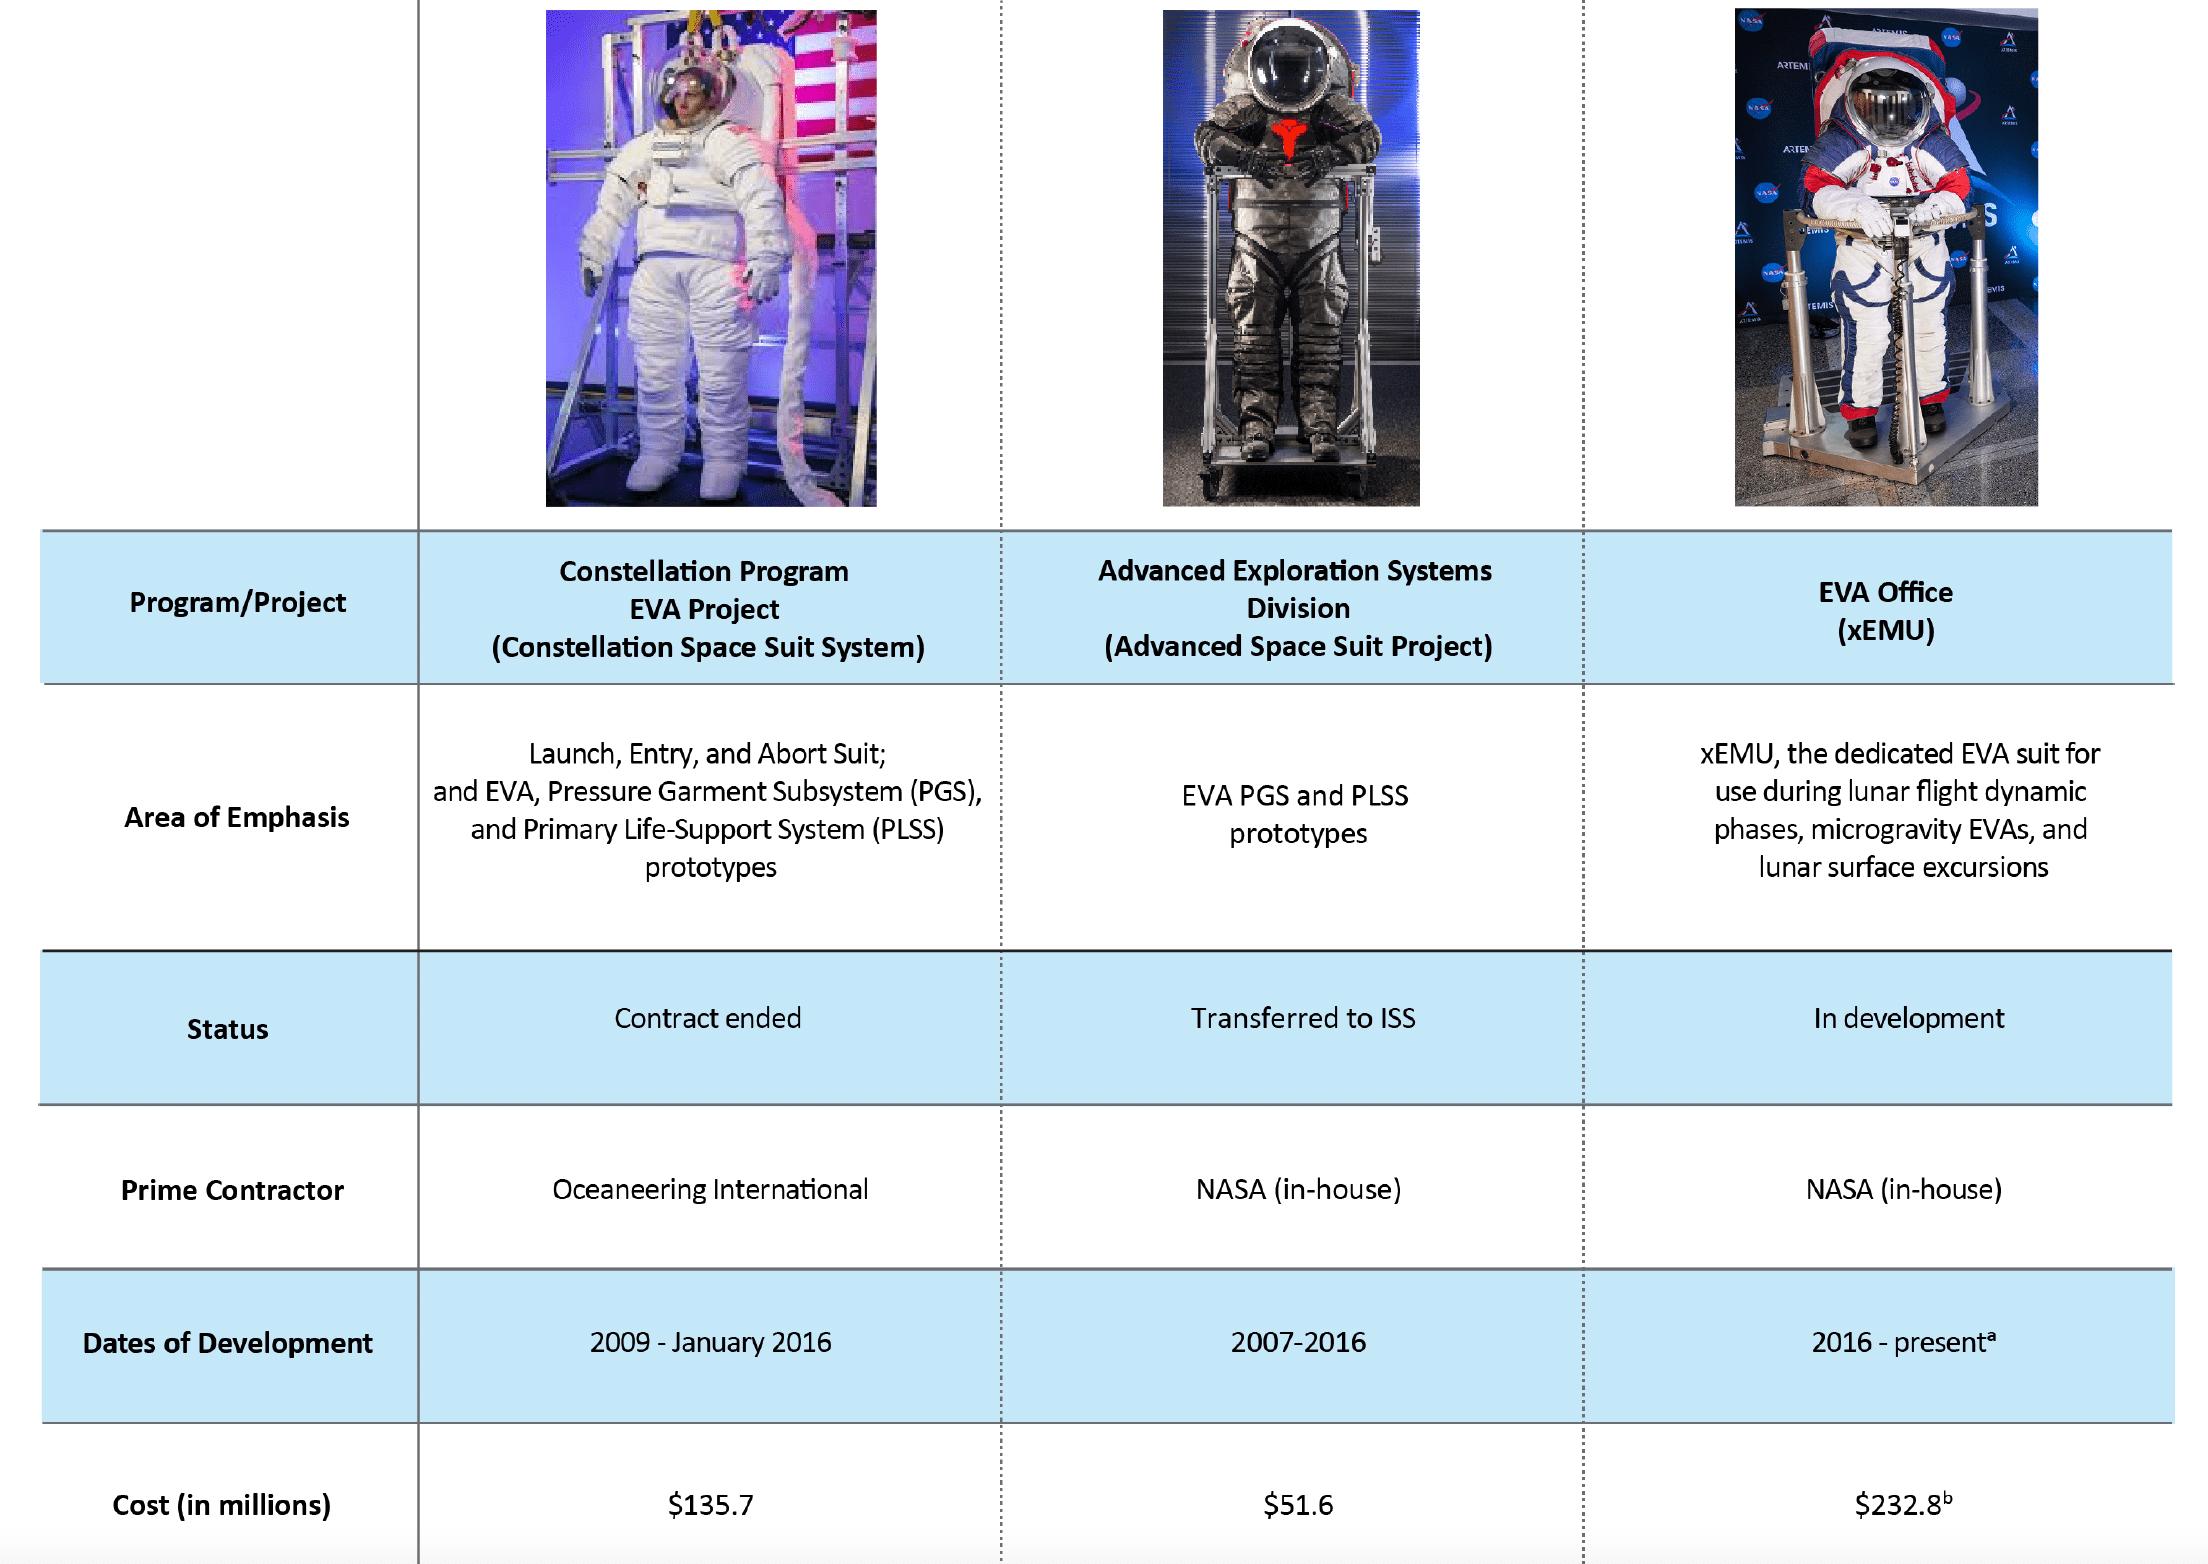 Le tre diverse tute spaziali in progettazione dalla NASA negli ultimi 15 anni. Credits: NASA.